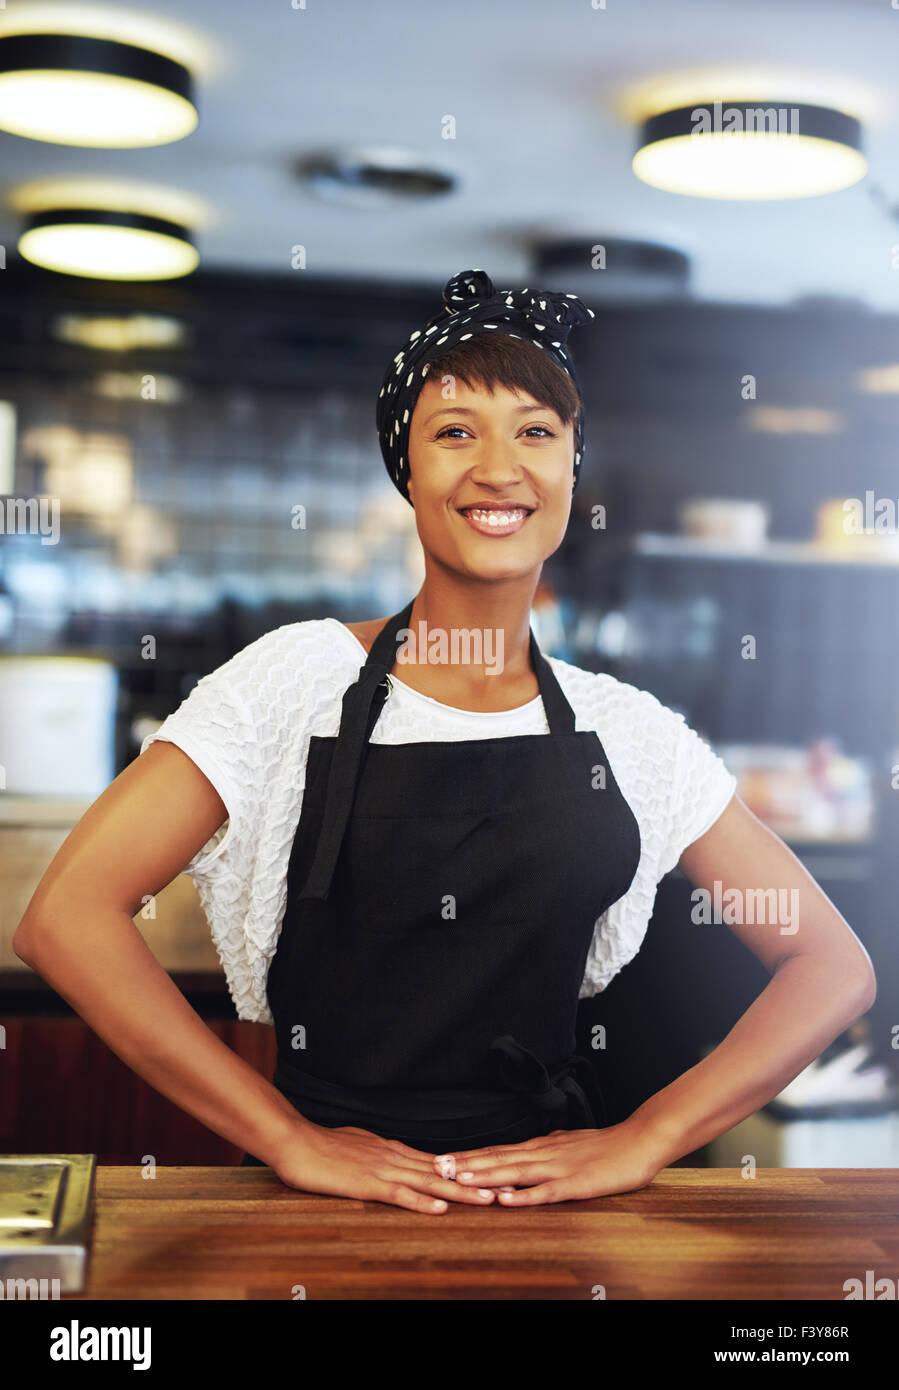 Certains jeunes propriétaire de petite entreprise debout derrière le comptoir de son café unique Photo Stock